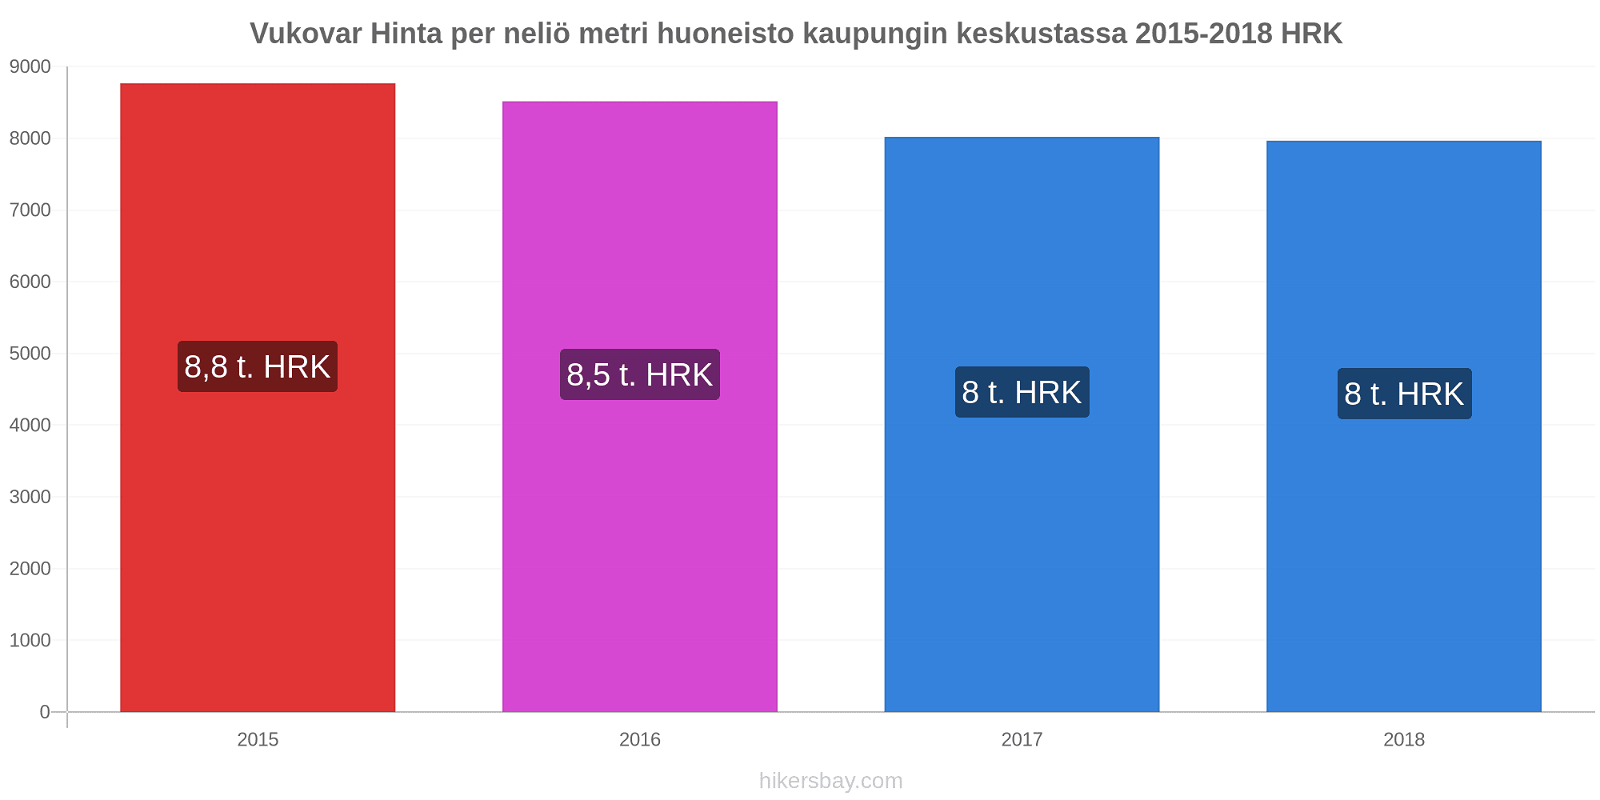 Vukovar hintojen muutokset Hinta per neliö metri huoneisto kaupungin keskustassa hikersbay.com